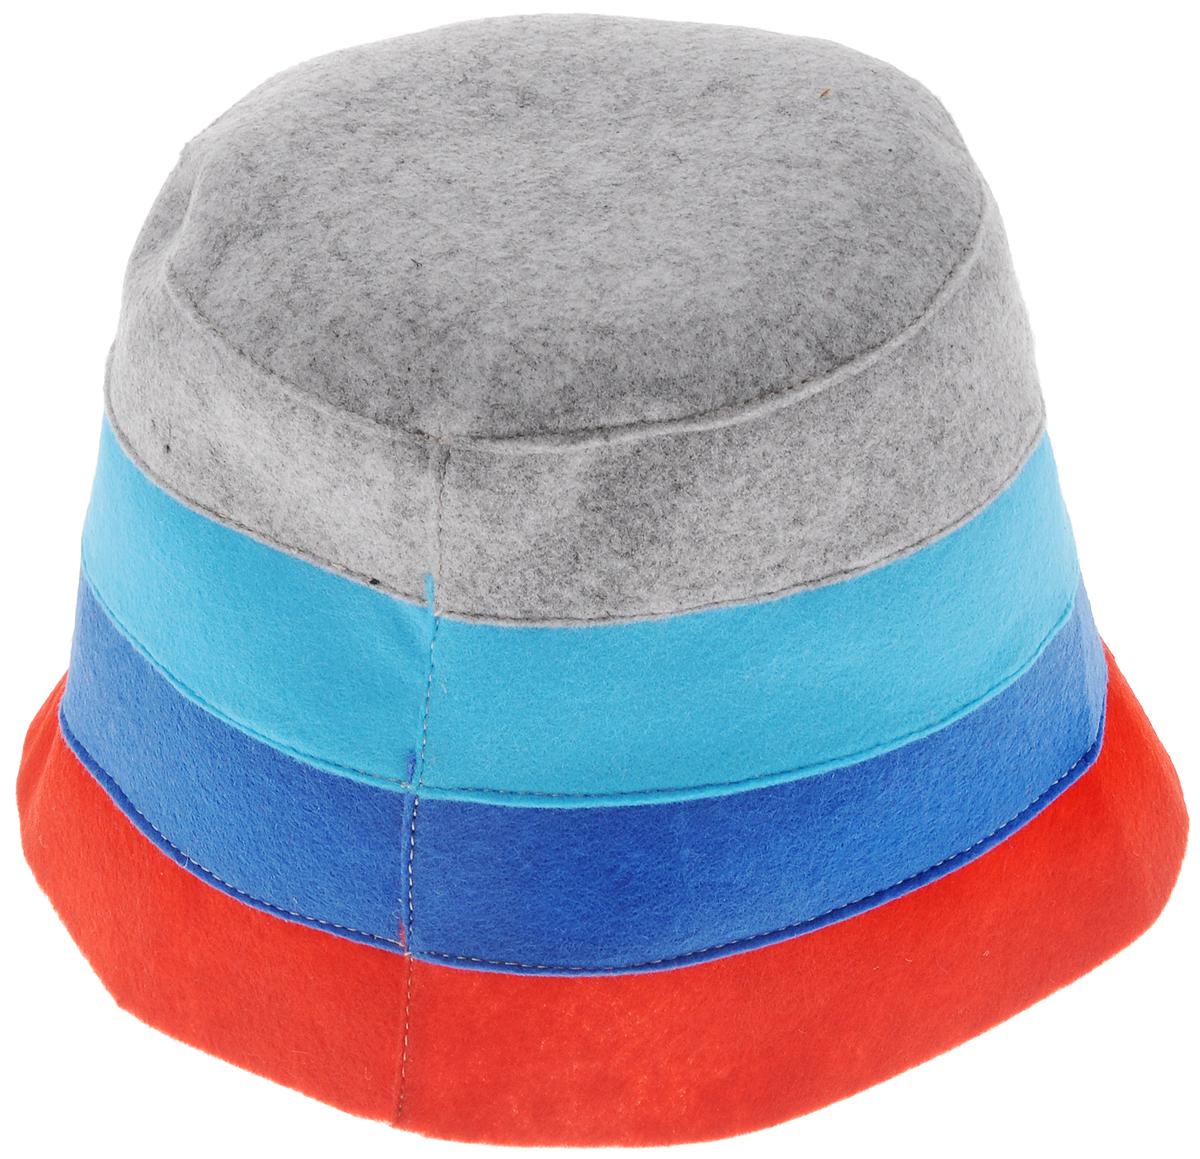 Шапка для бани и сауны Доктор баня В полоску, цвет: красный, синий, серыйPS0079_Хозяин БаниШапка для бани и сауны Доктор баня В полоску, выполненная из 100% полиэстера, является оригинальным и незаменимым аксессуаром для любителей попариться в русской бане и для тех, кто предпочитает сухой жар финской бани. Необычный дизайн изделия поможет сделать ваш отдых более приятным и разнообразным. При правильном уходе шапка прослужит долгое время. Обхват головы: 60 см.